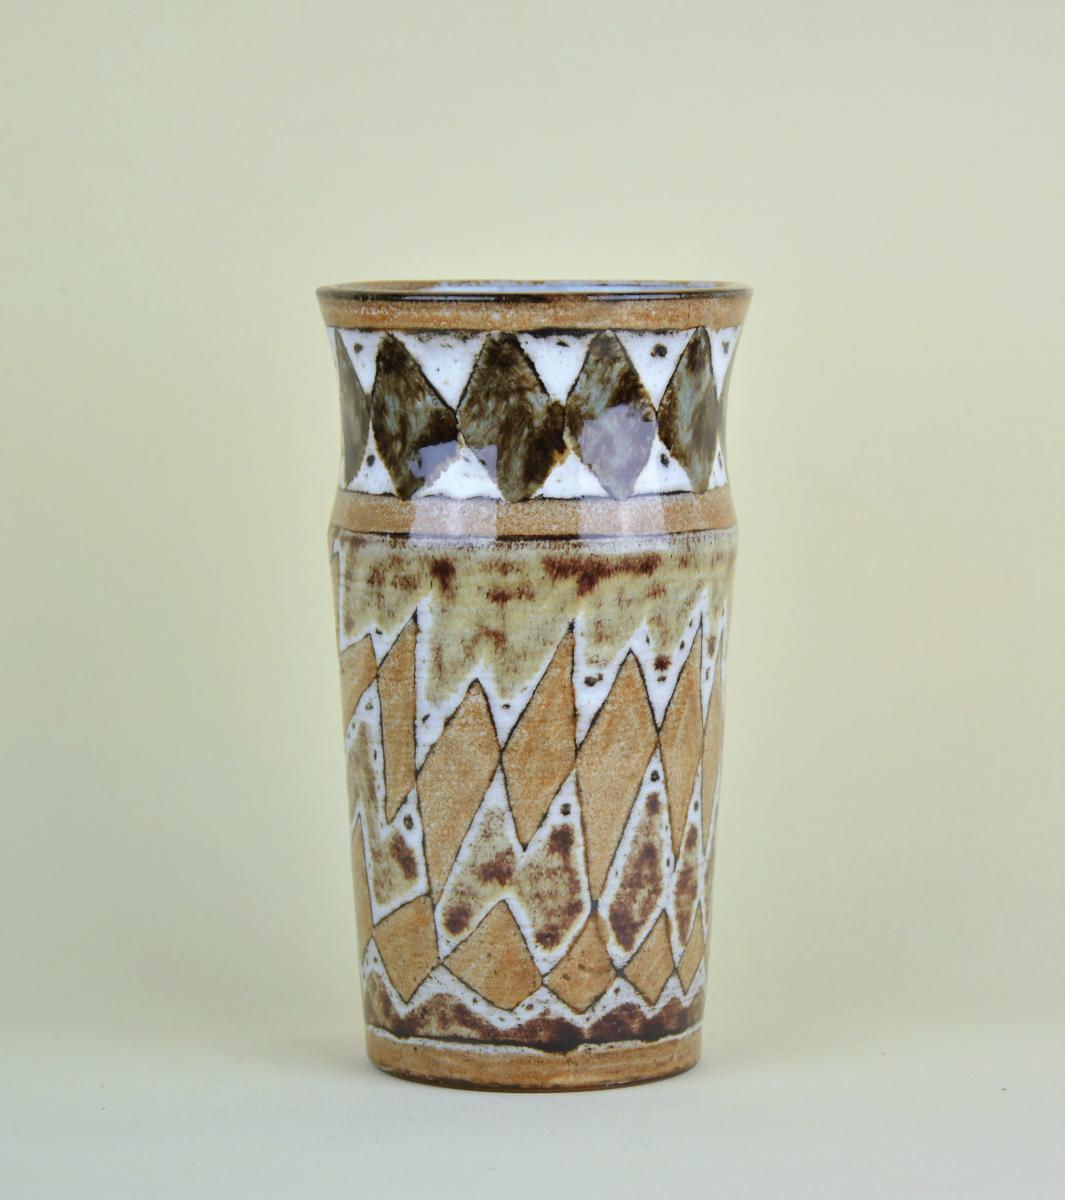 Atelier Du Vieux Moulin, Vase With Geometric Decor